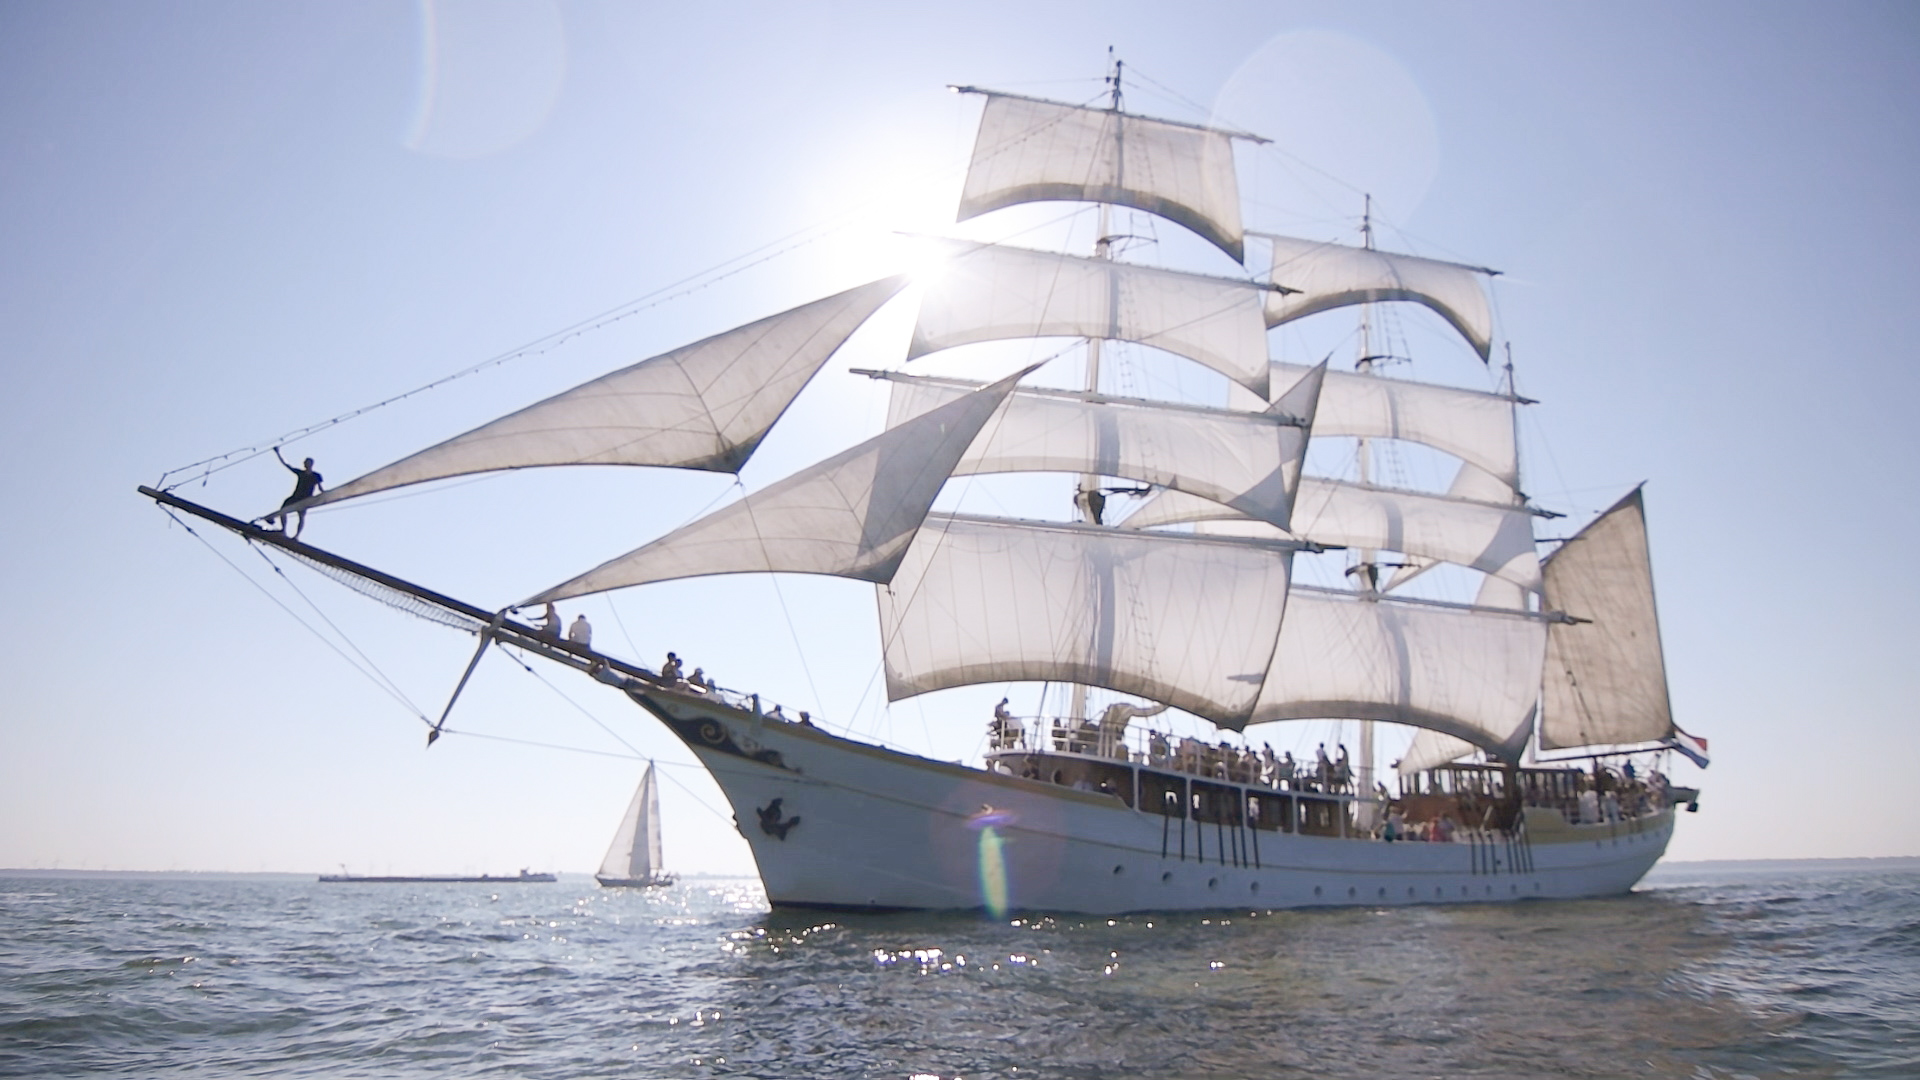 Ontdek Forteiland Pampus met zeilschip Stedemaeght